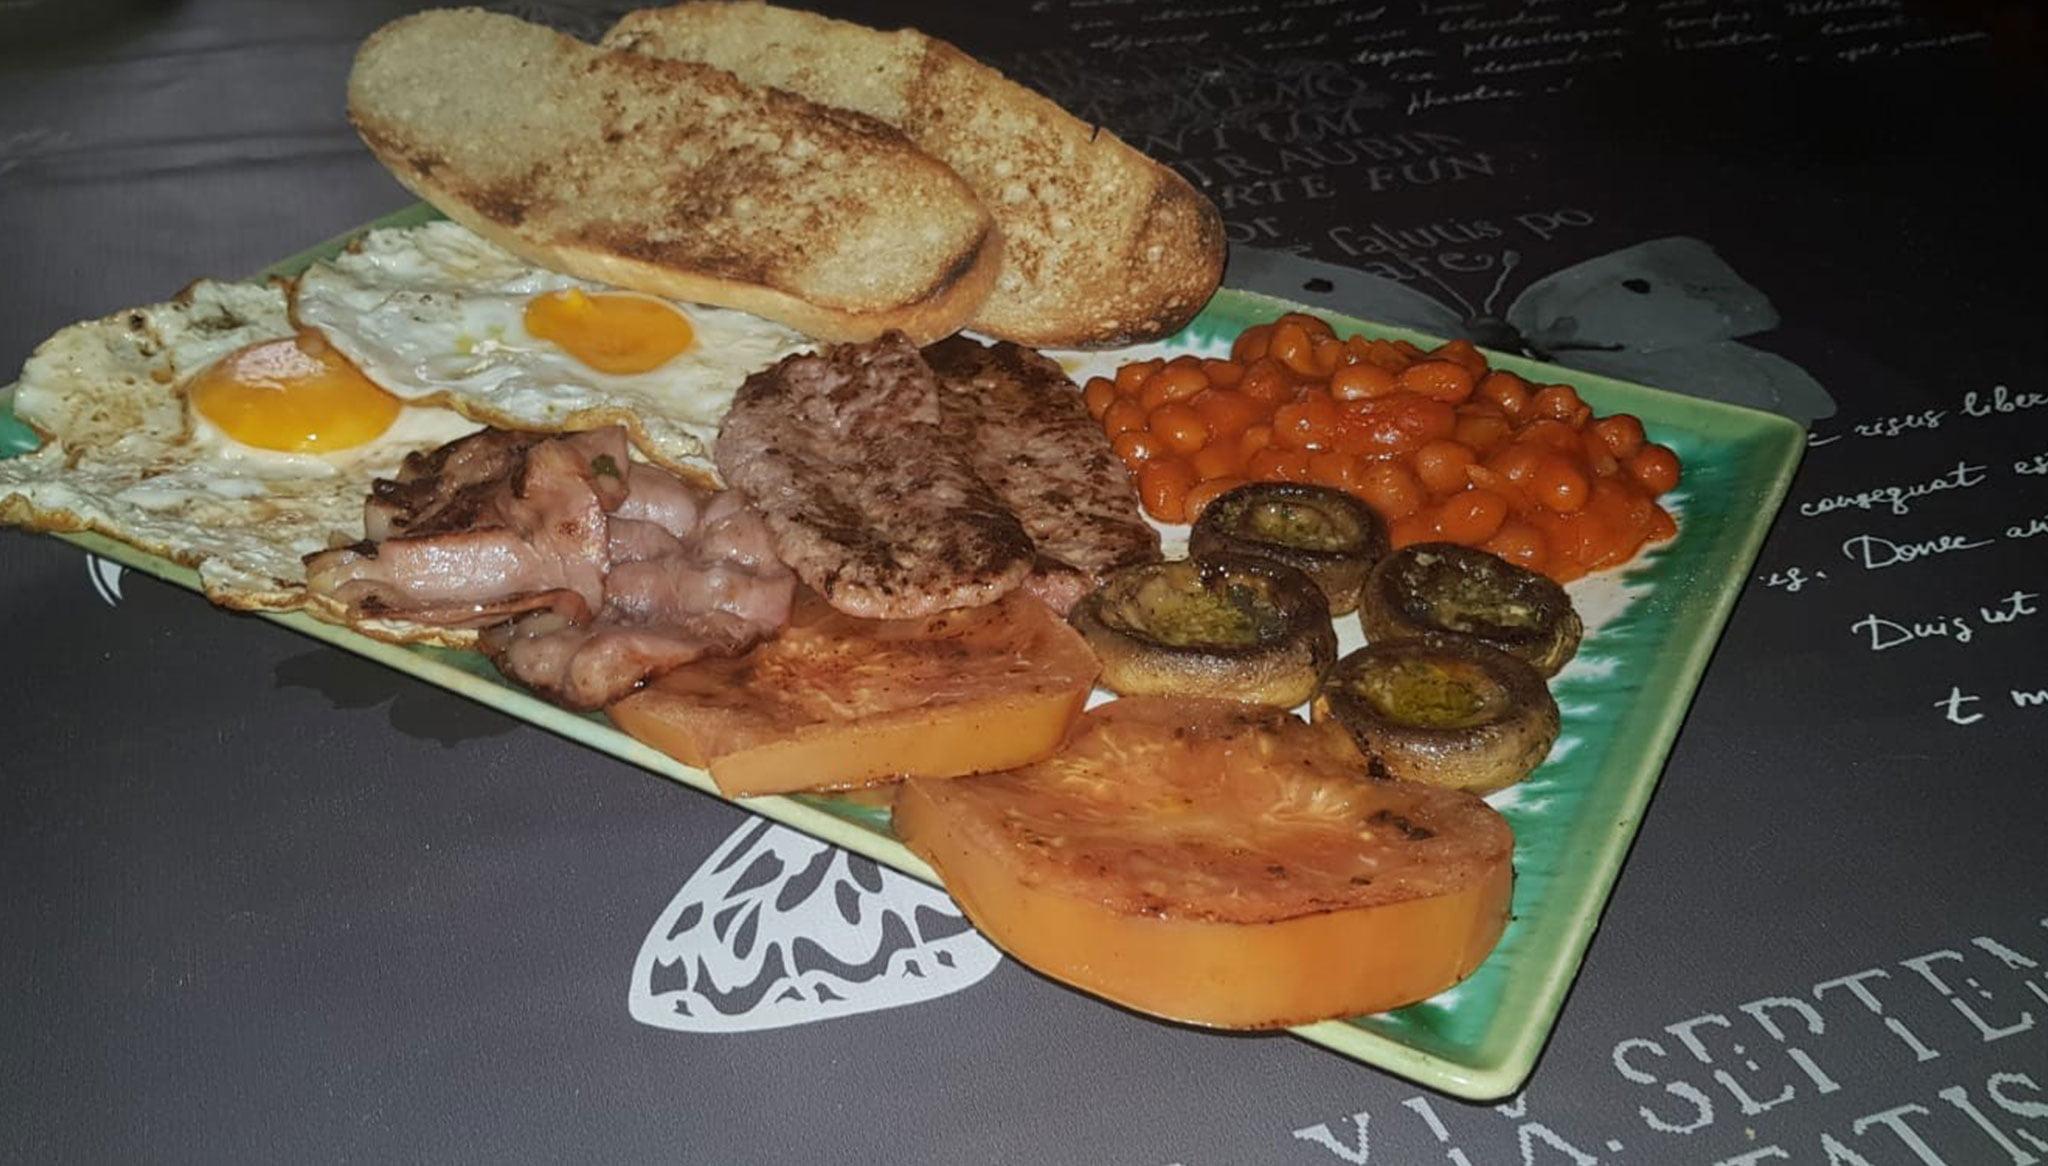 Desayuno inglés en El Raconet